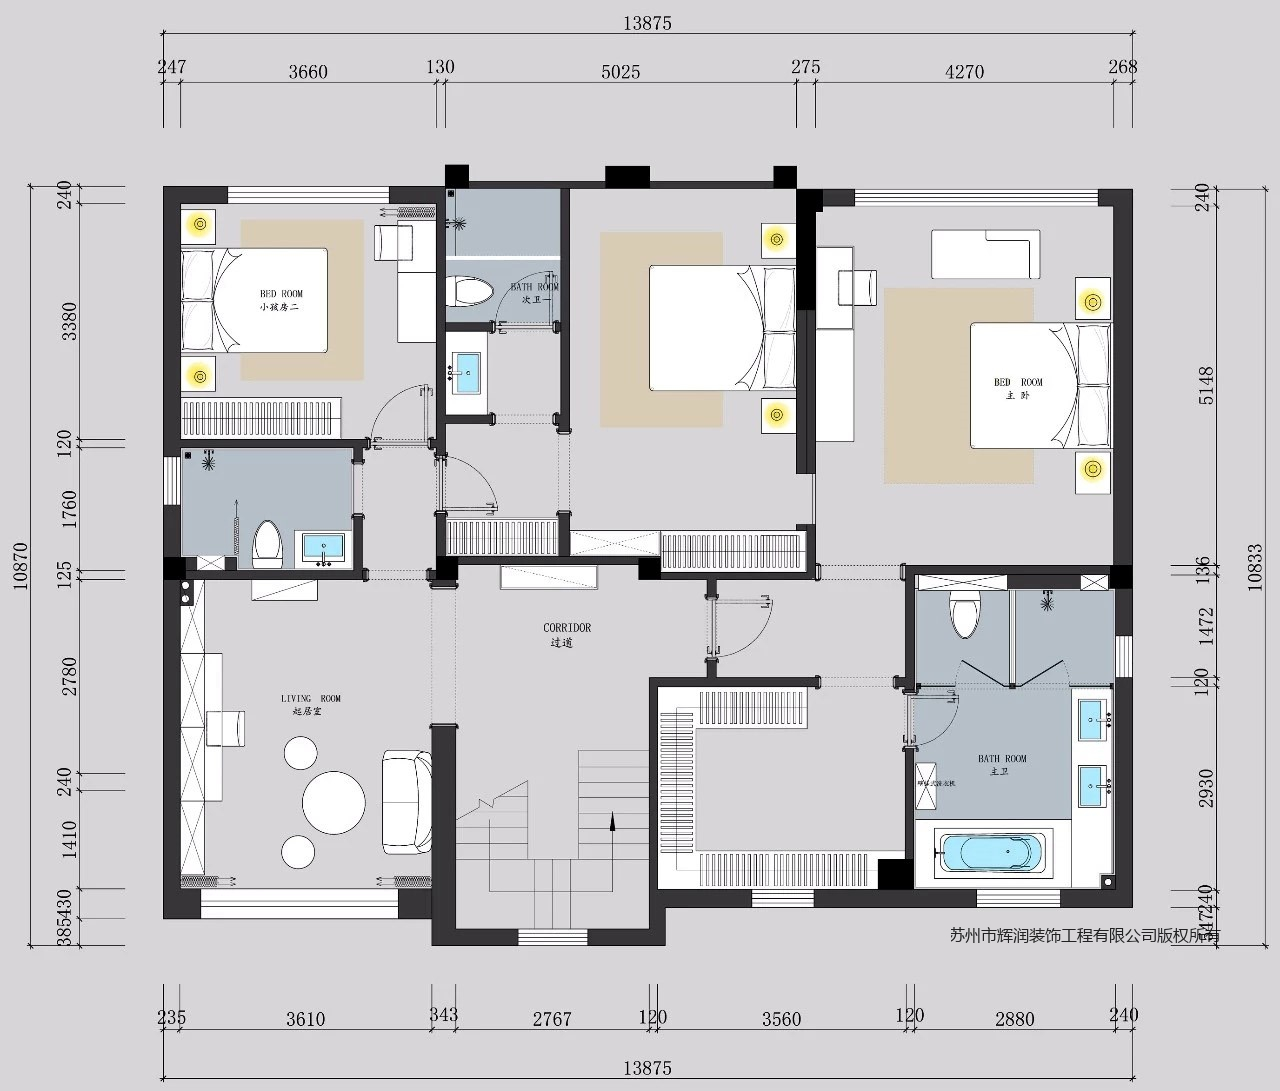 别墅案例图库之唤醒生活的闪光时刻平面图